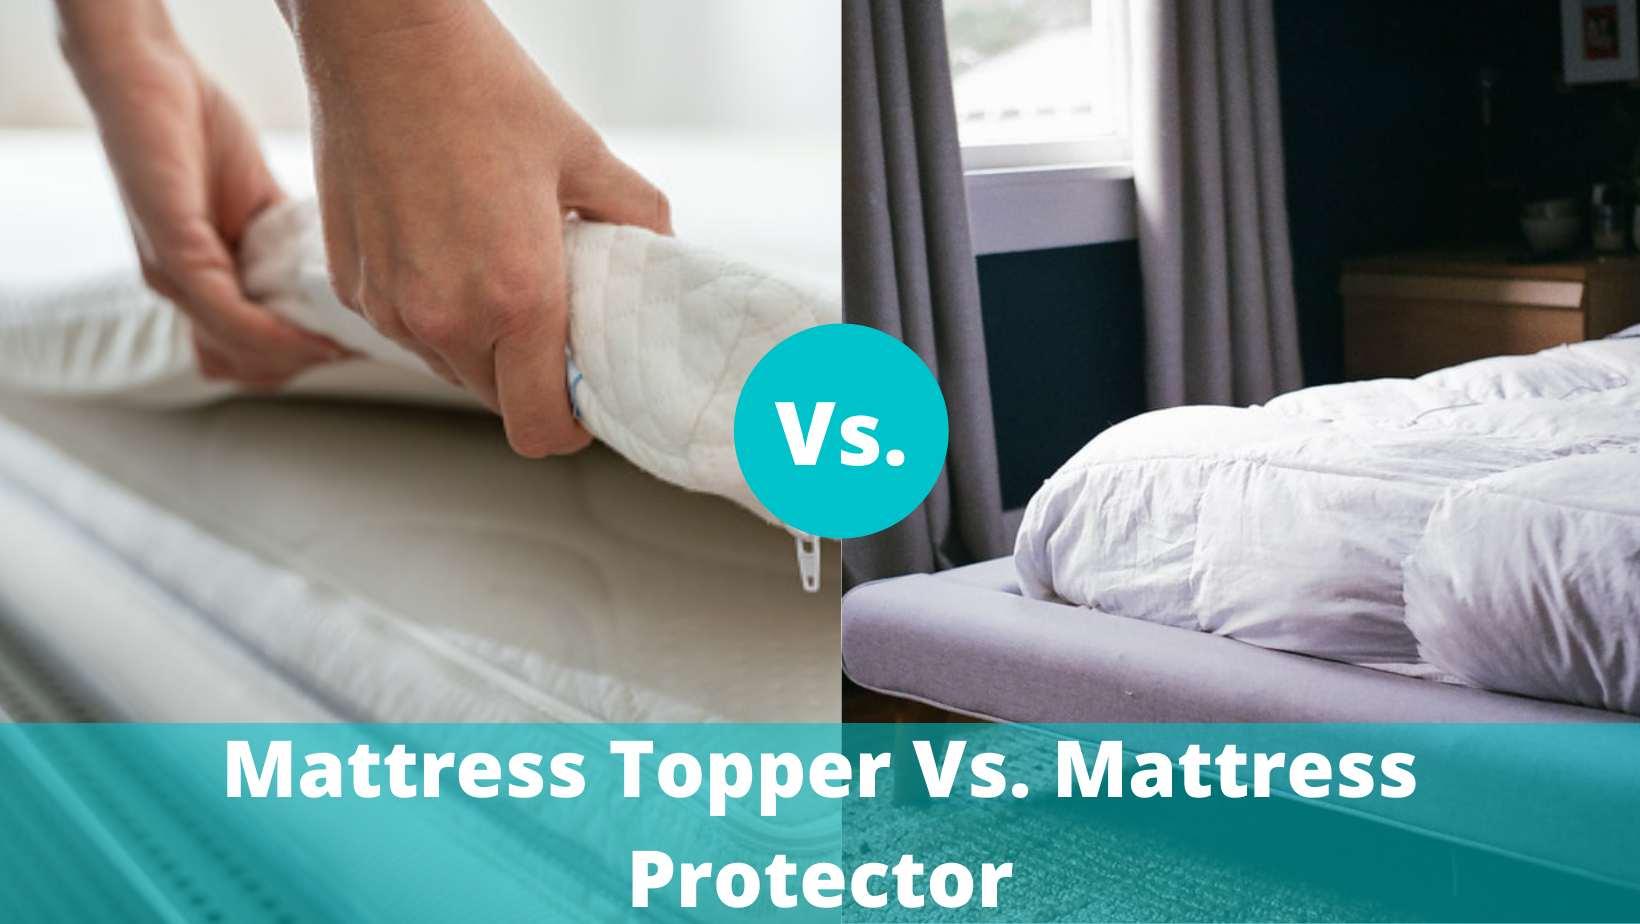 Mattress topper vs mattress protector